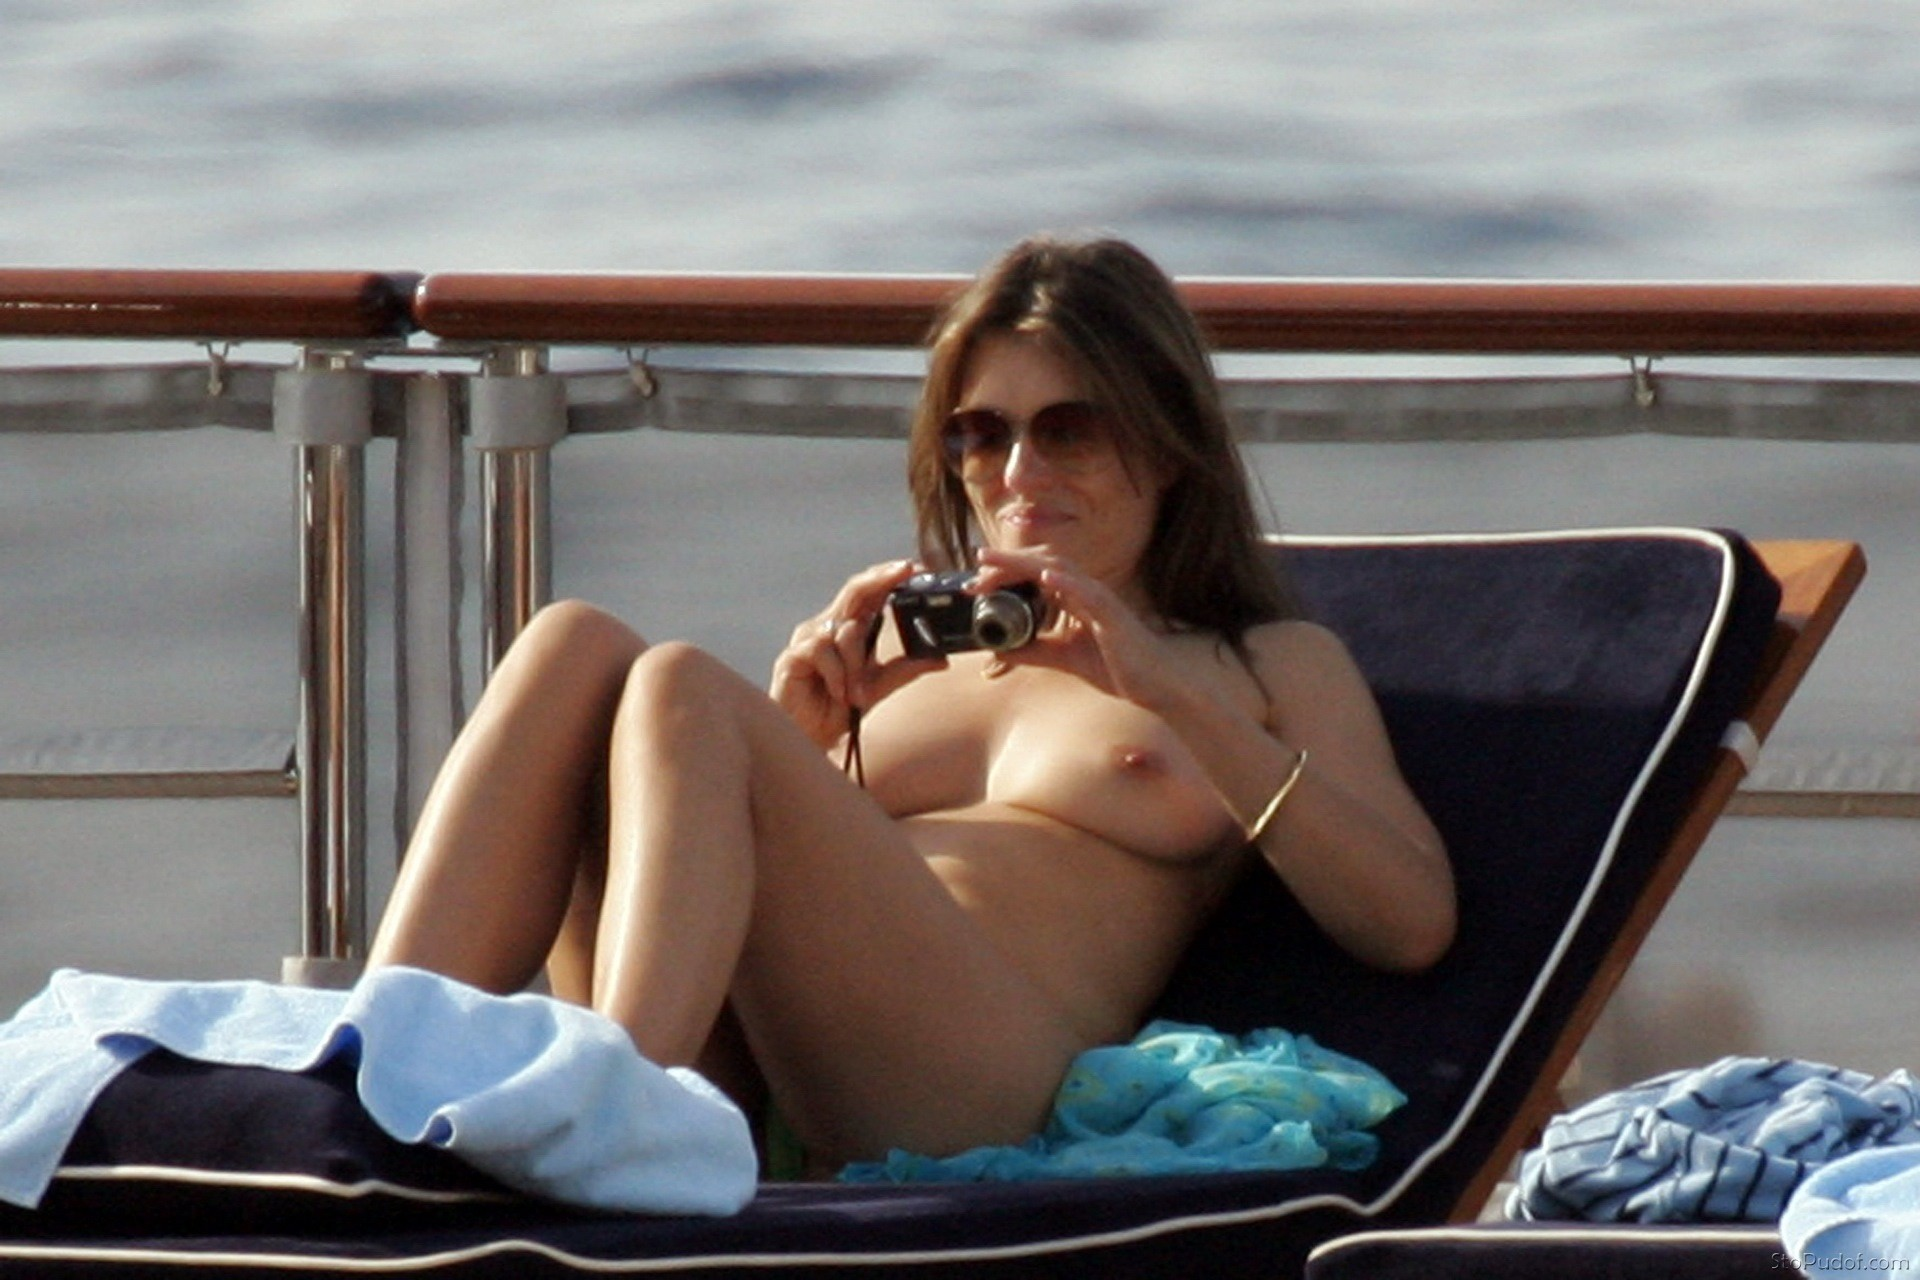 Nude celebrity video paparazzi